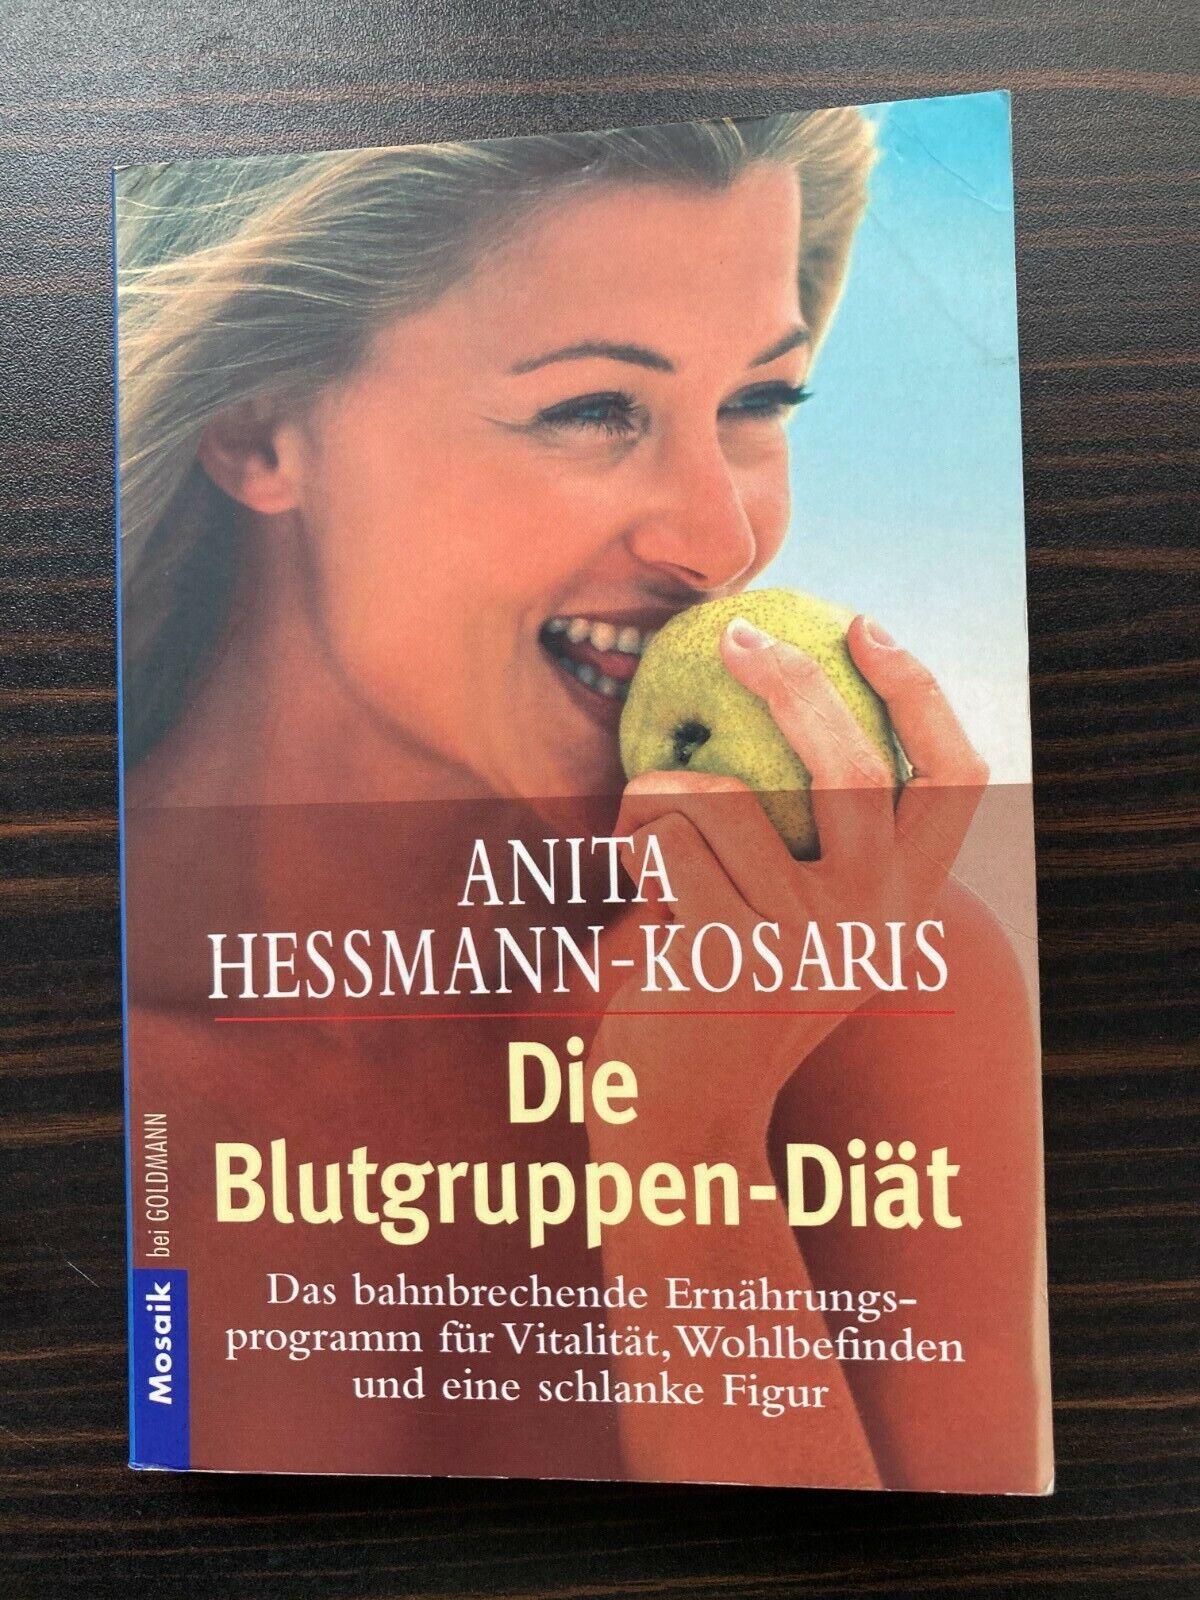 Die Blutgruppendiät von Anita Hessmann-Kosaris Taschenbuch